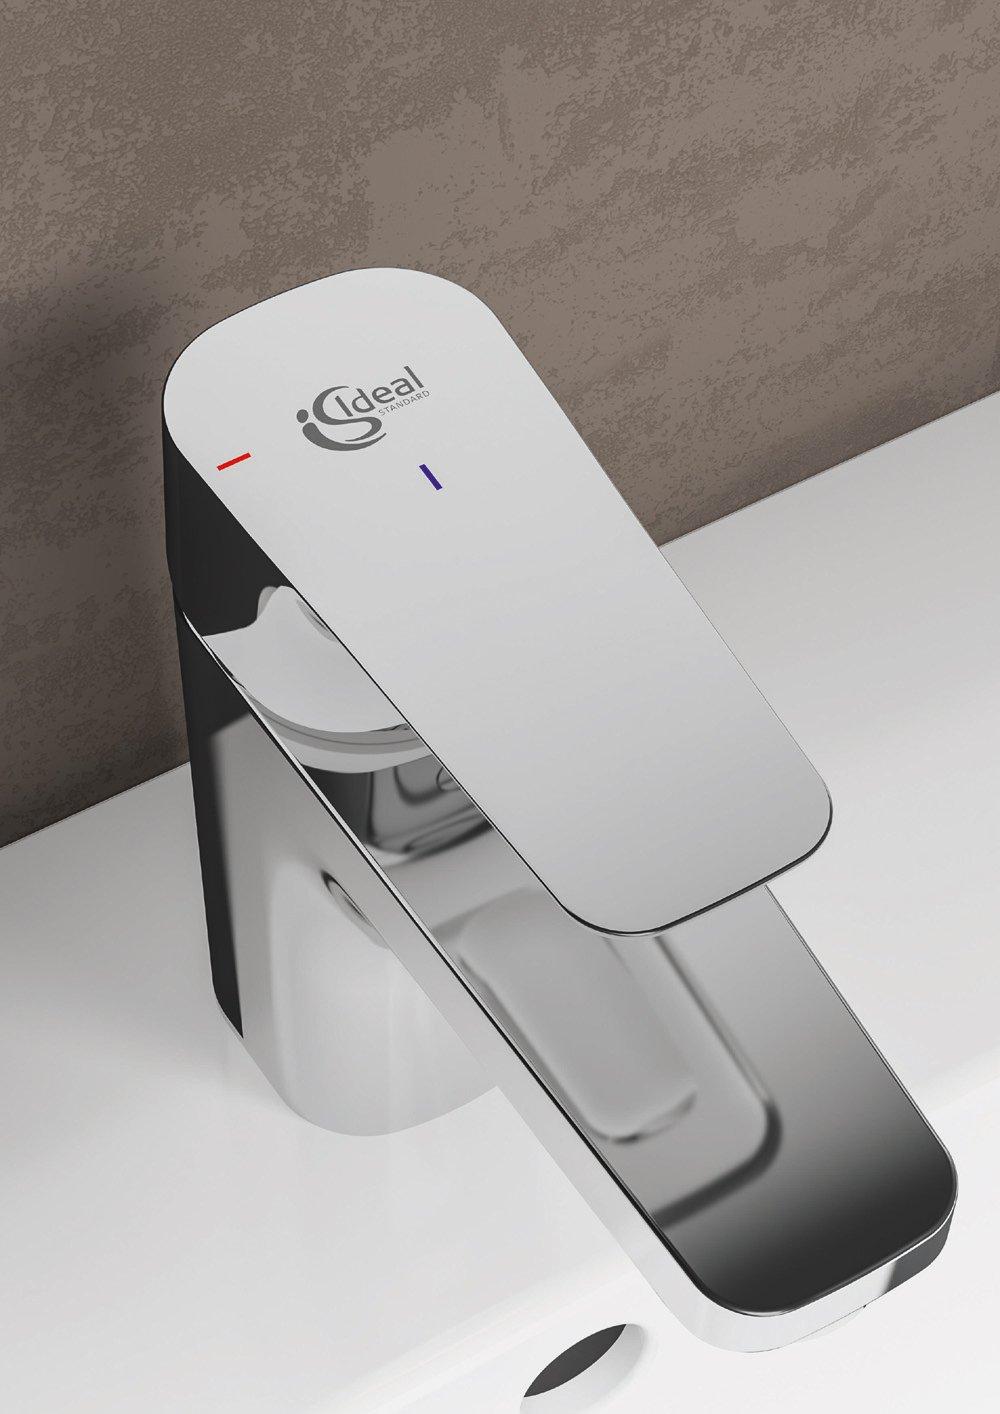 Rubinetti per il risparmio idrico ed energetico cose di casa - Rubinetti bagno ideal standard ...